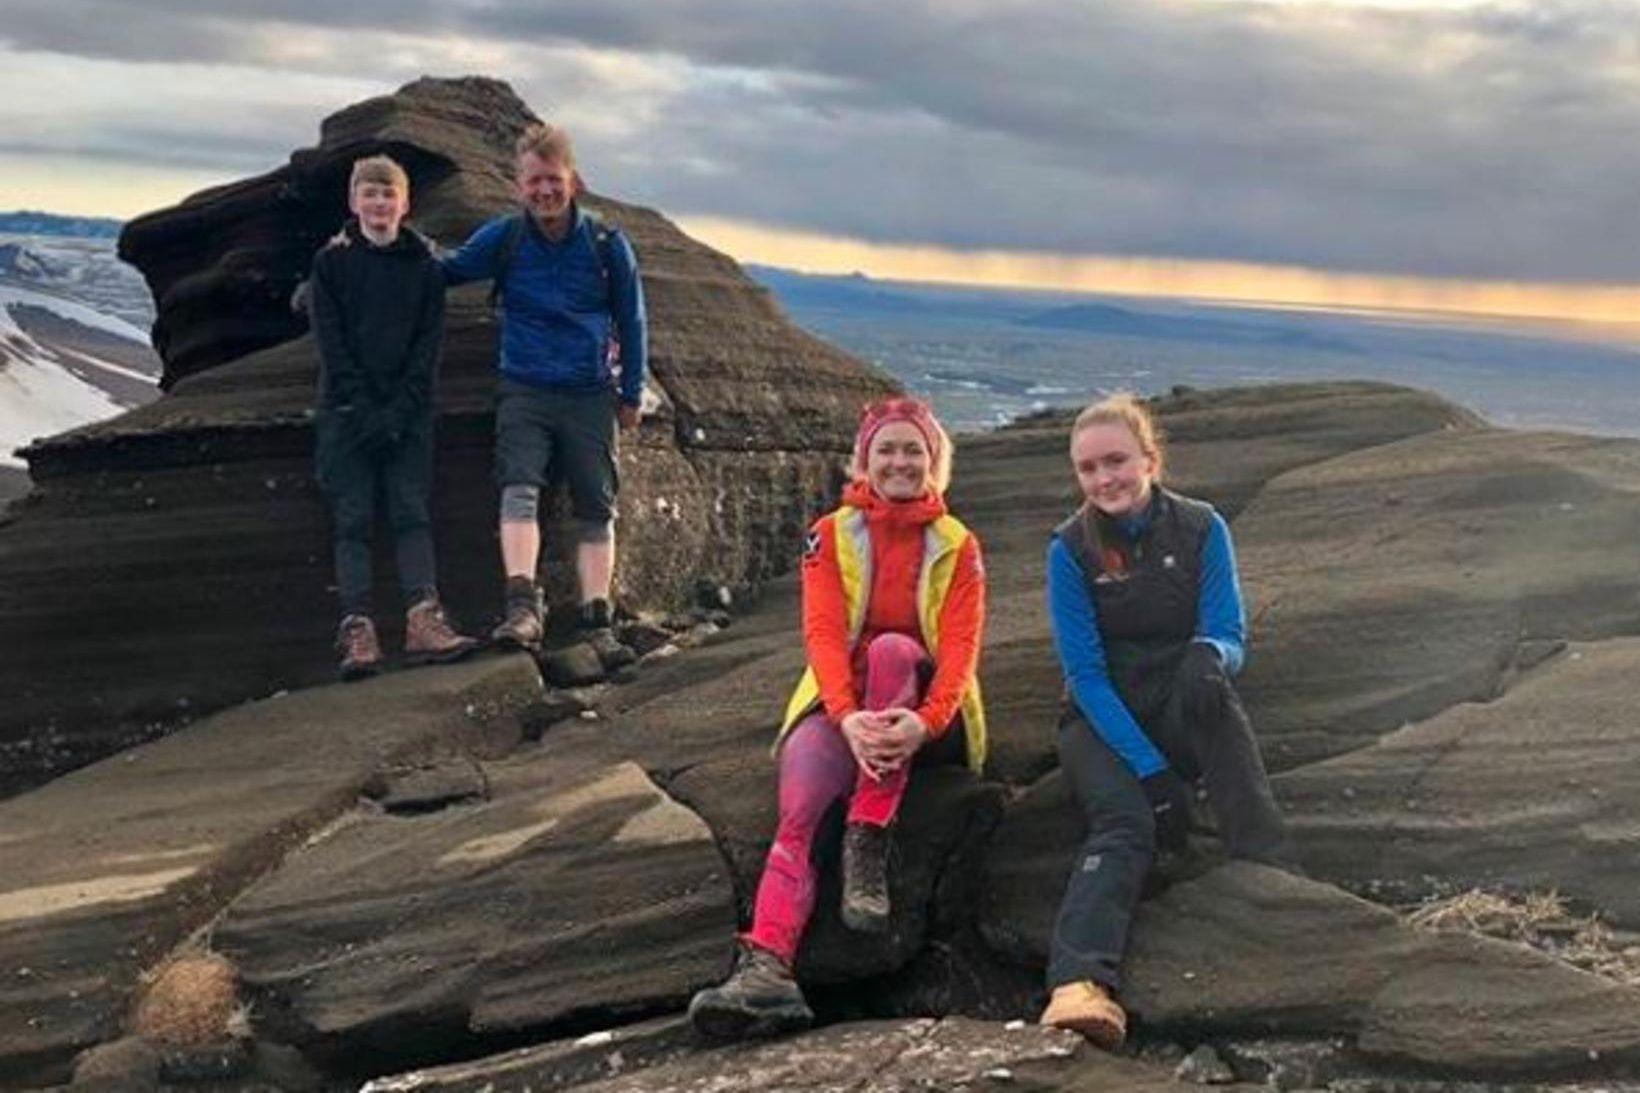 Íslendingar eru duglegir að vera úti um þessar mundir.